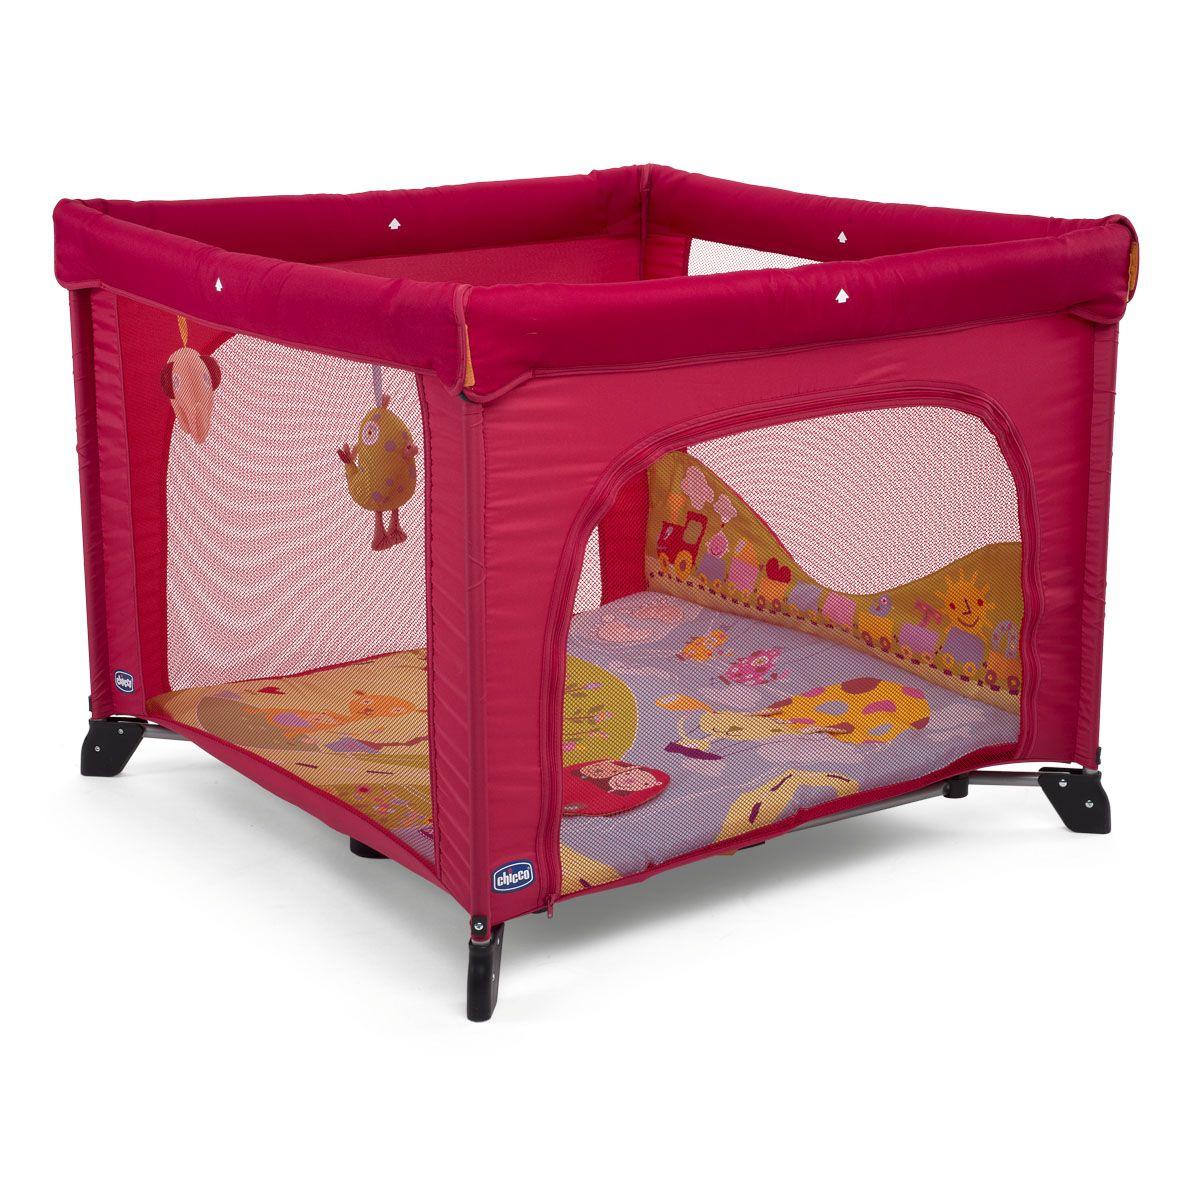 Sammenleggbar Lekegrind Safe Place For Baby 2 Og Ekstra Soveplass Pa Hytta Farger